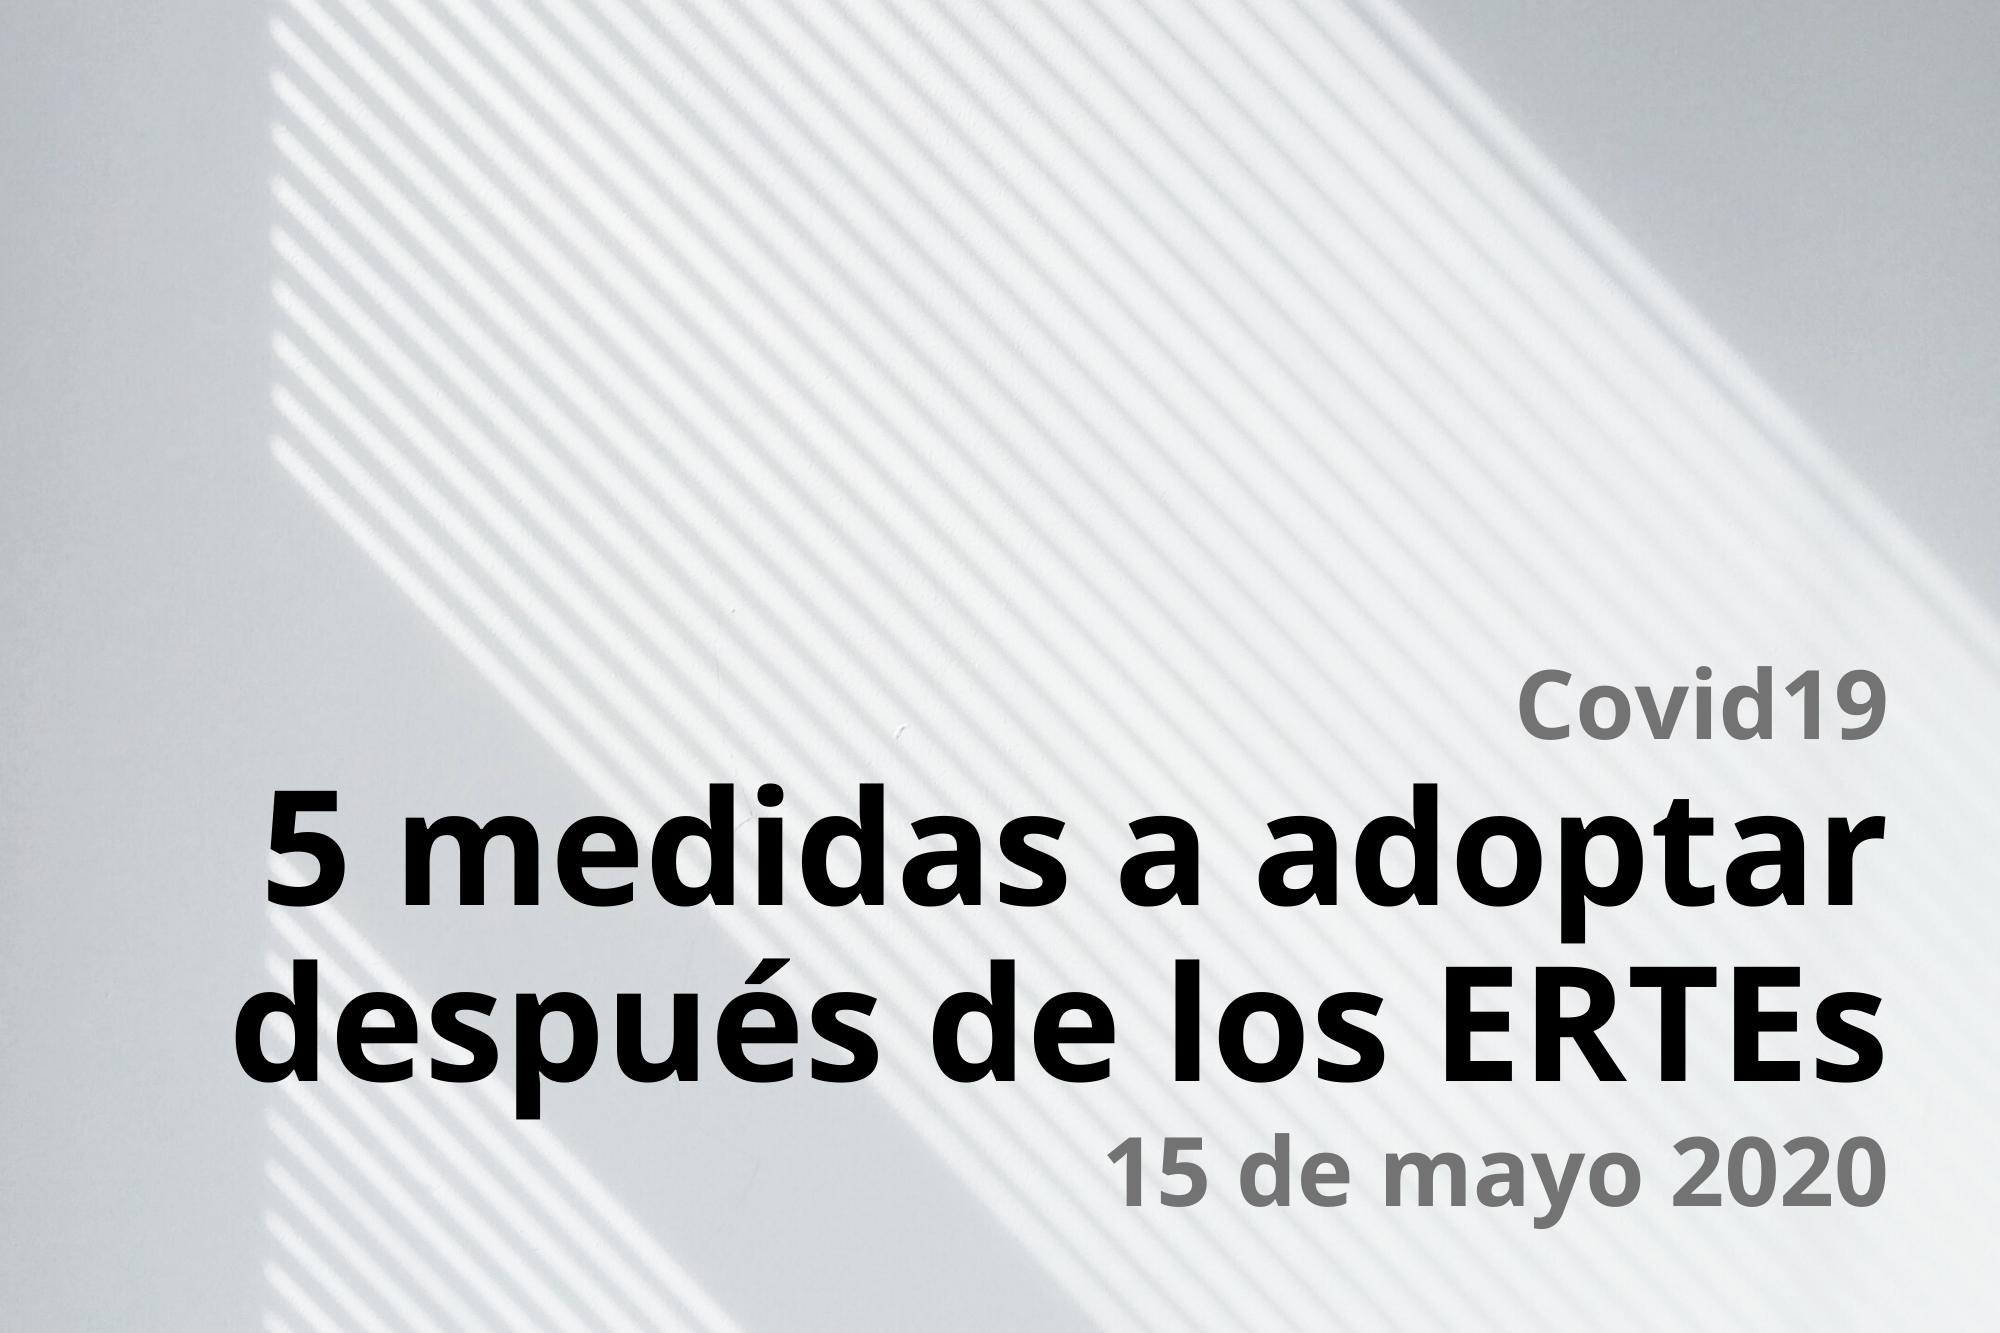 COVID19 5 Medidas A Adoptar Después ERTEs